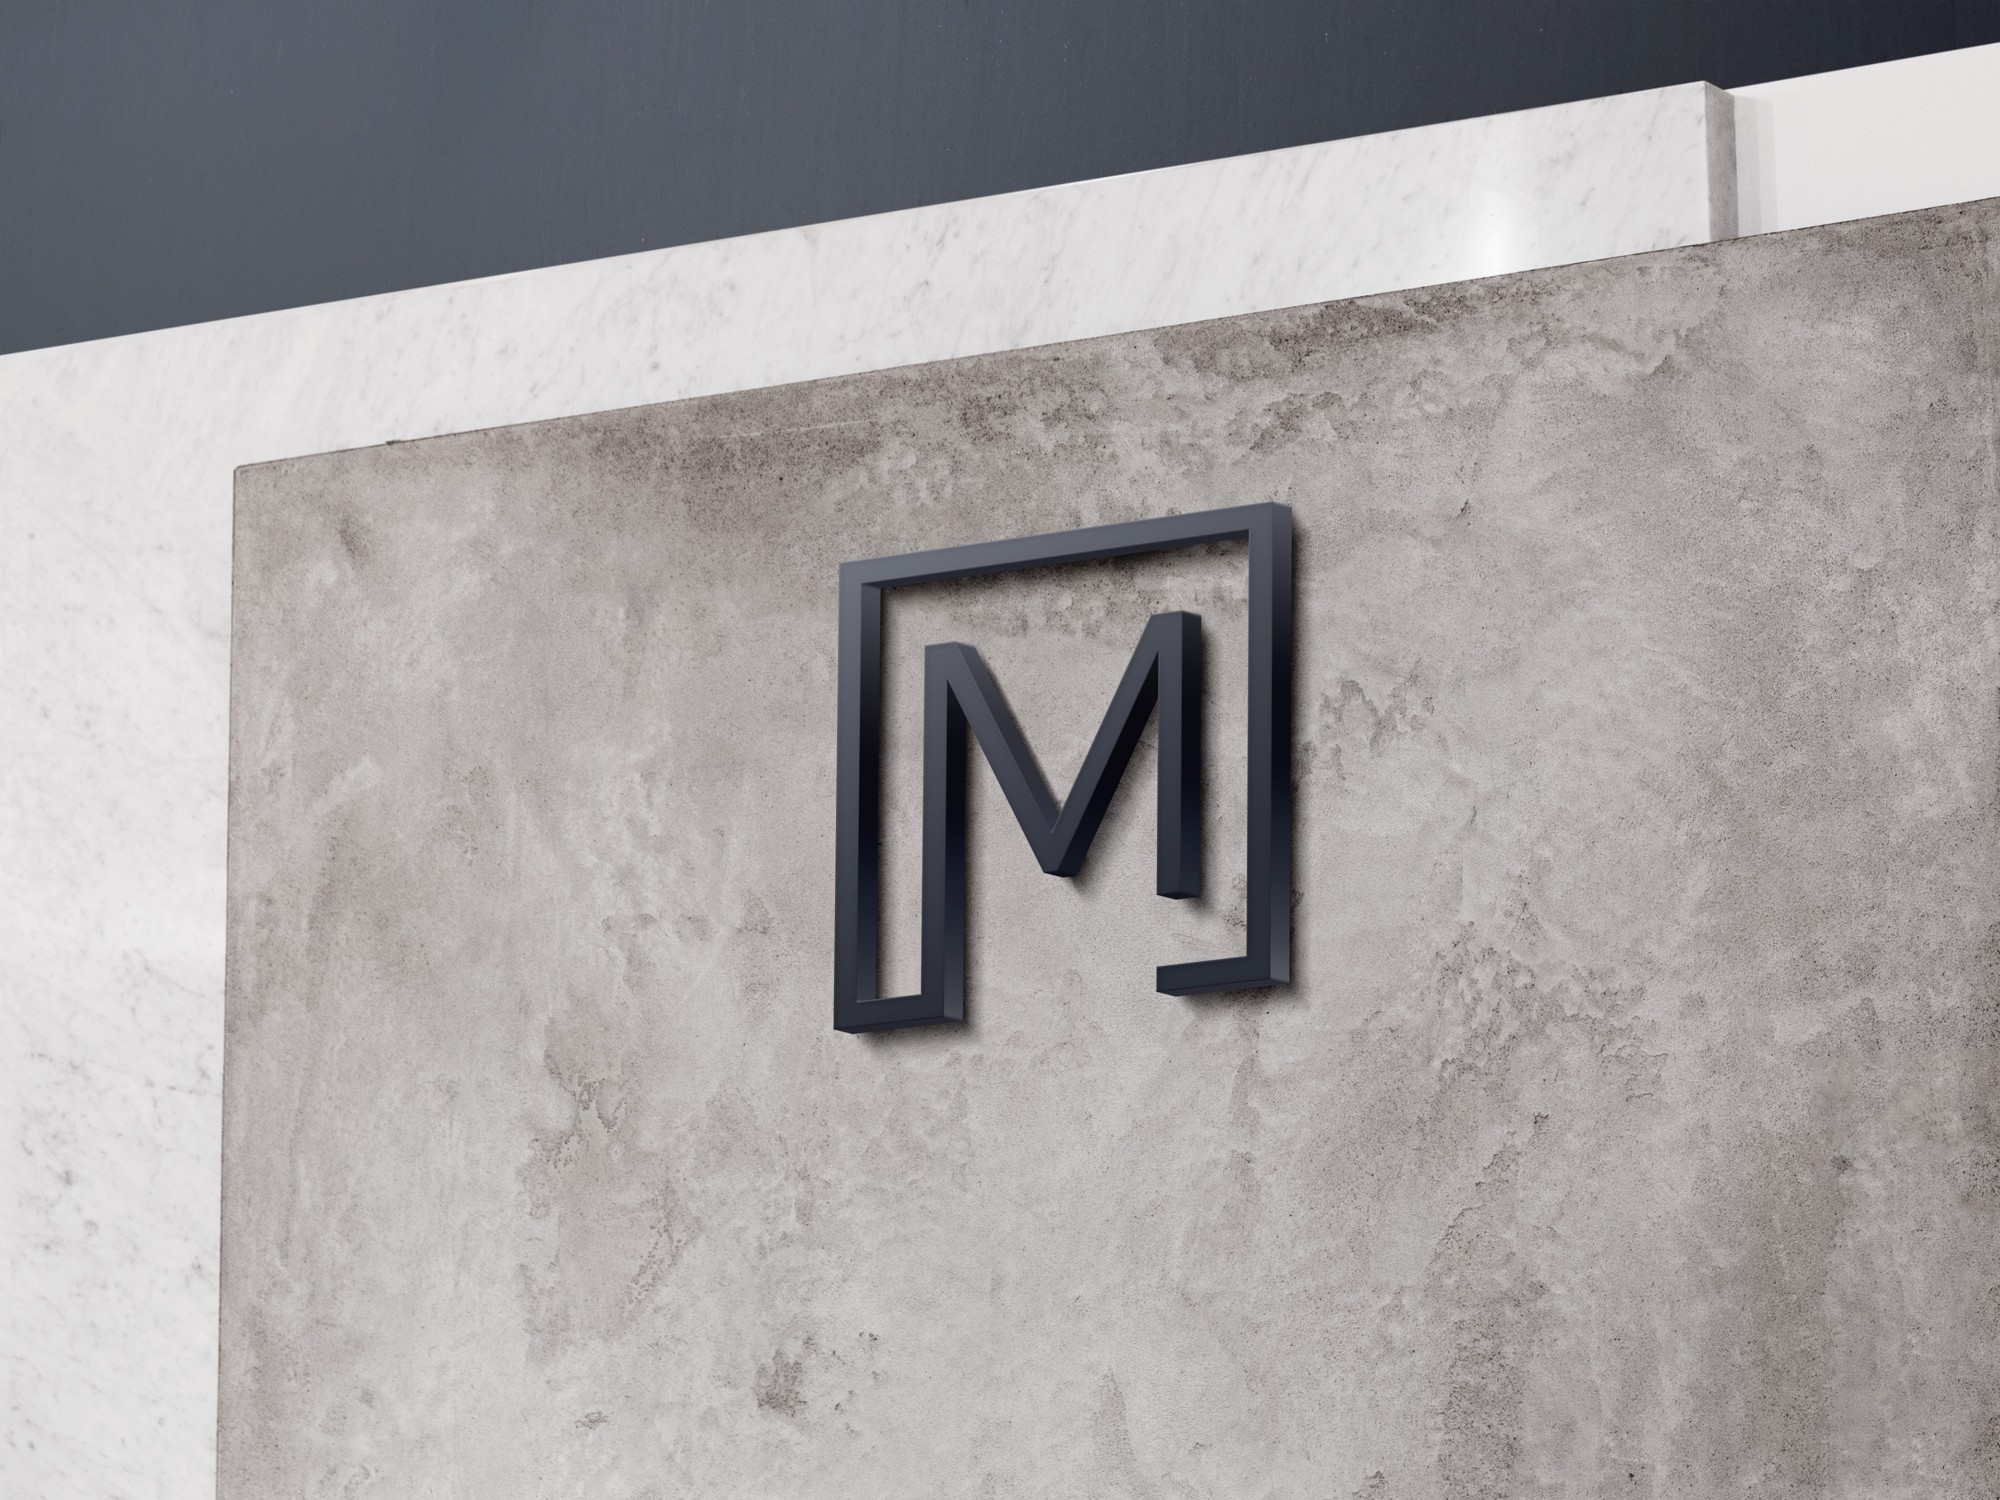 Návrh loga Mavericks | VV grafické studio